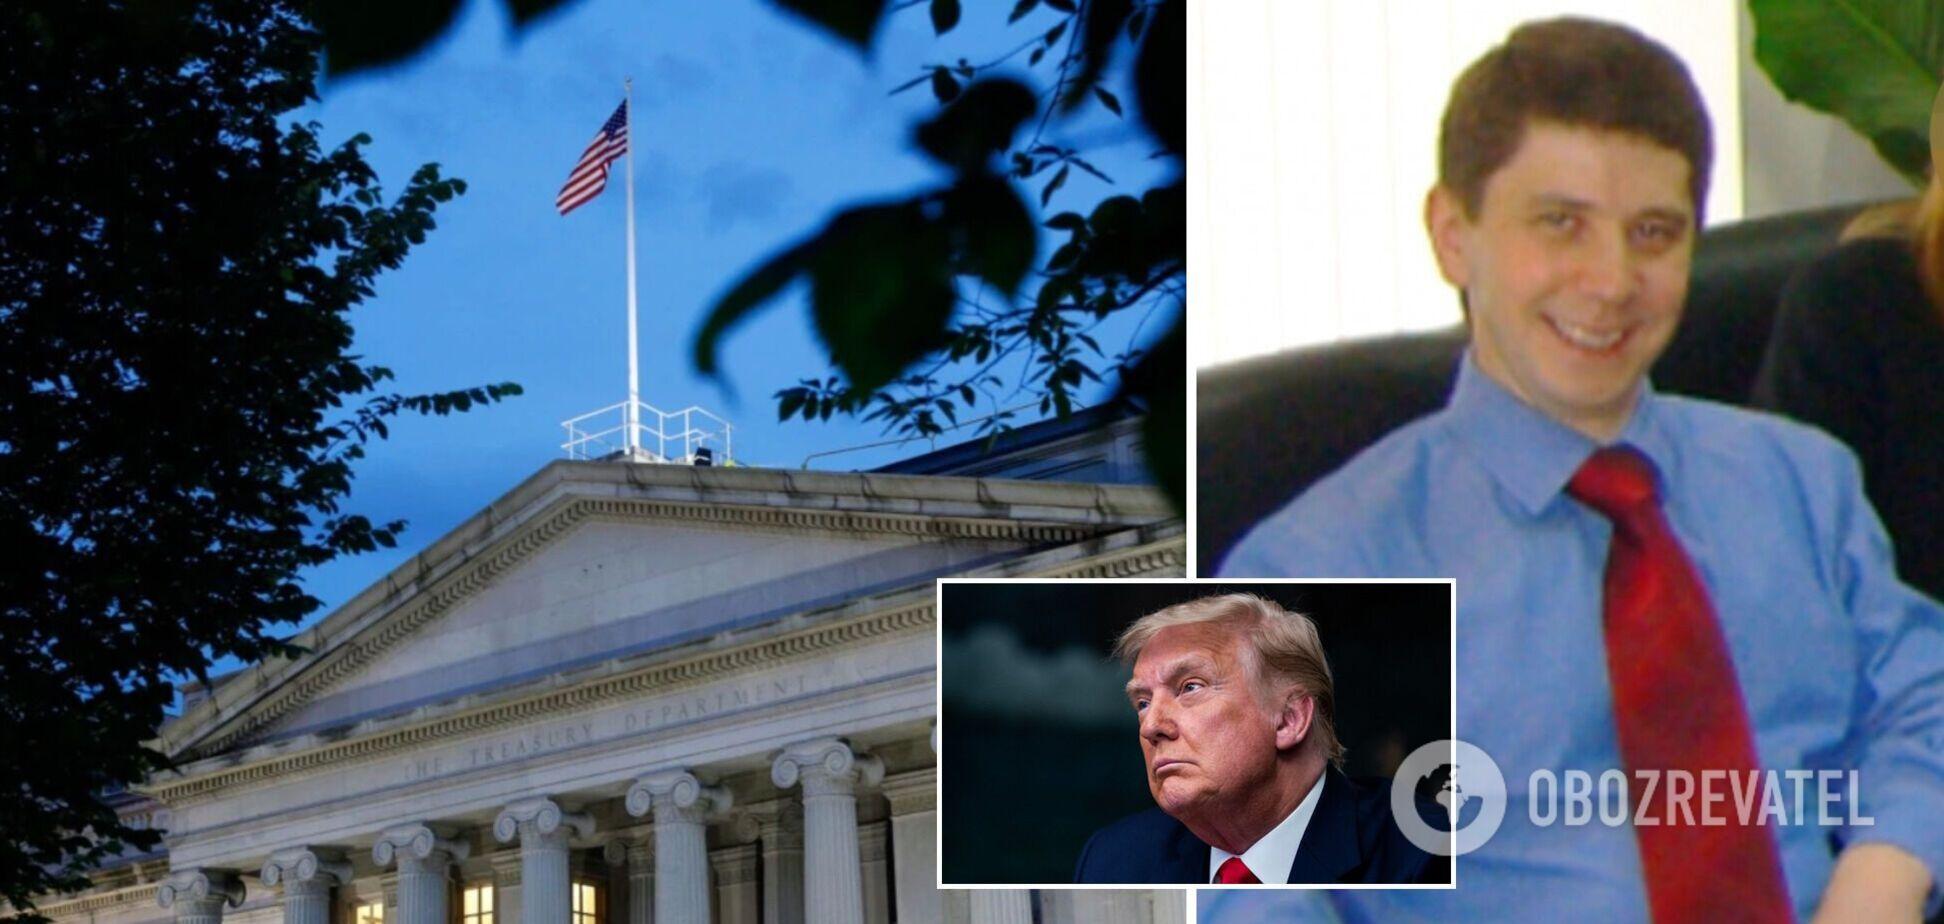 Агент РФ Килимник передавав розвідці дані щодо виборчої кампанії Трампа – Мінфін США